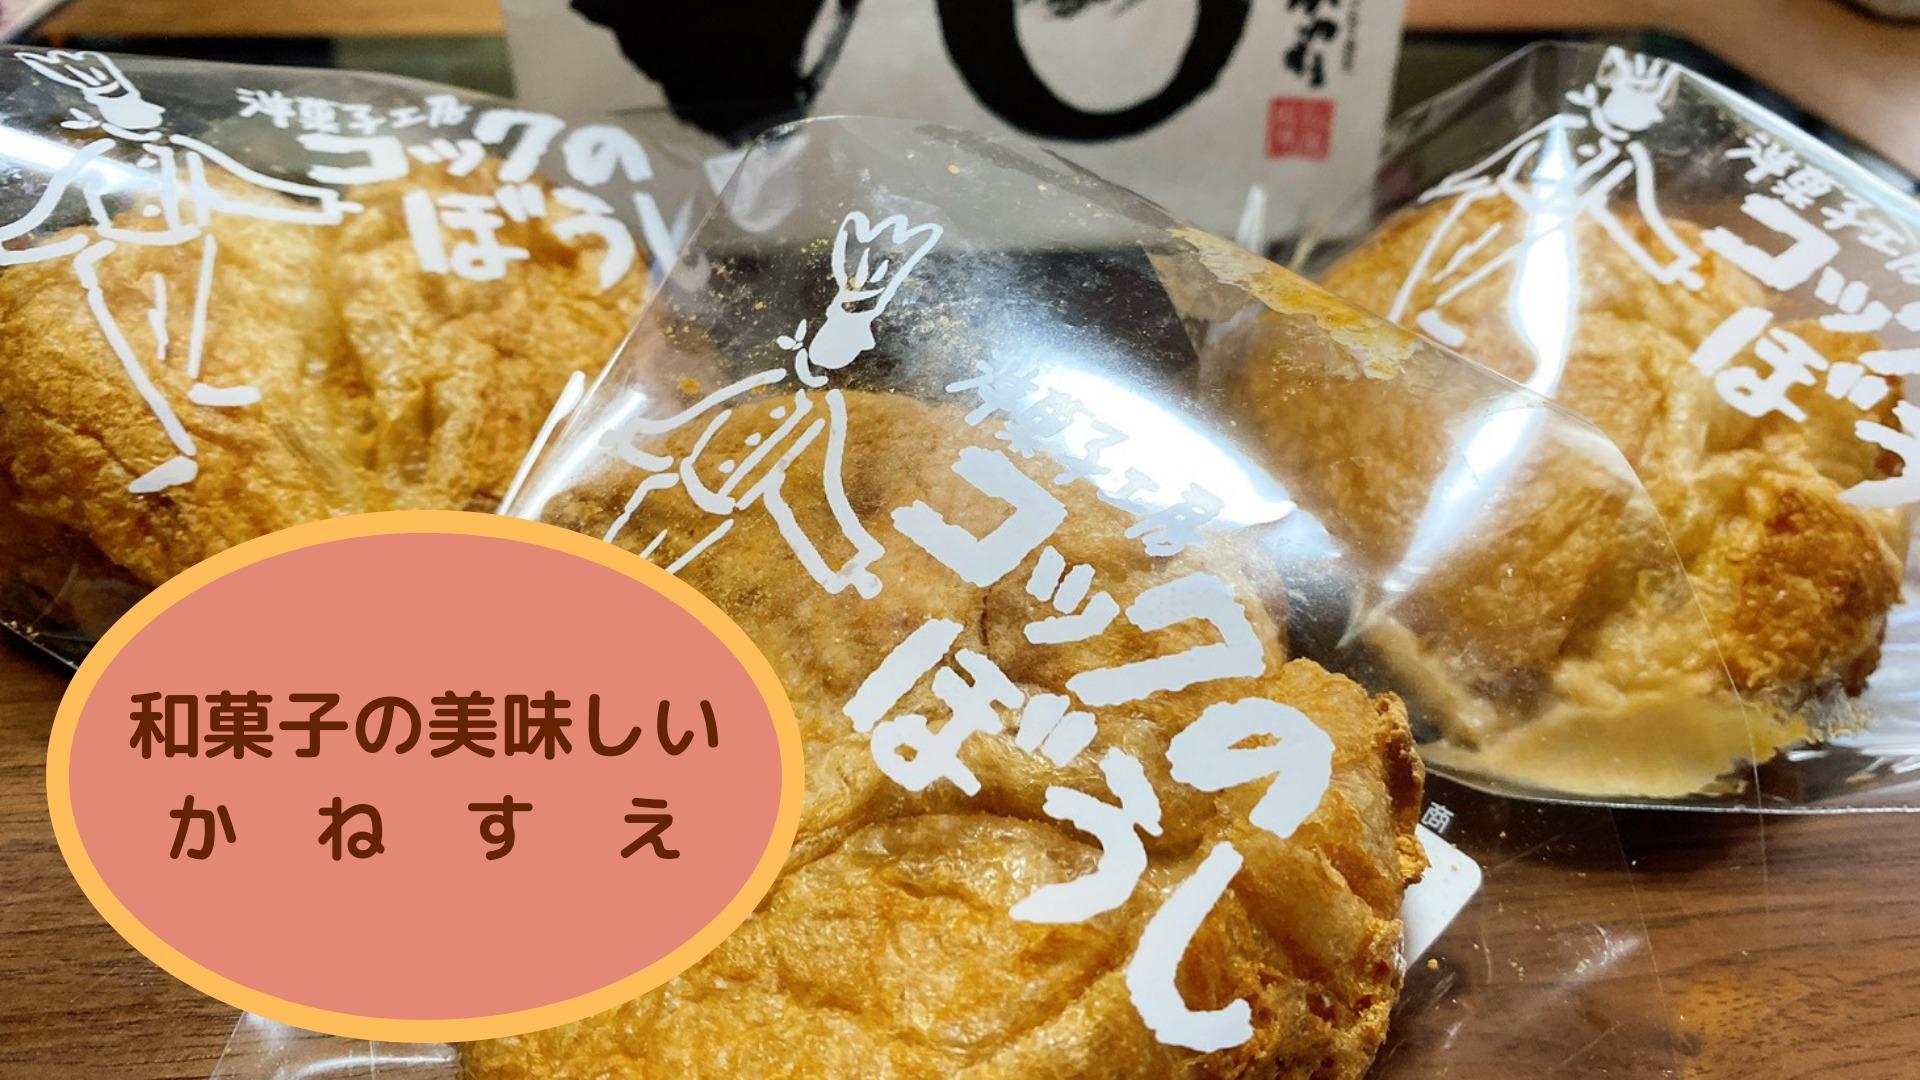 和菓子の美味しい!かねすえ